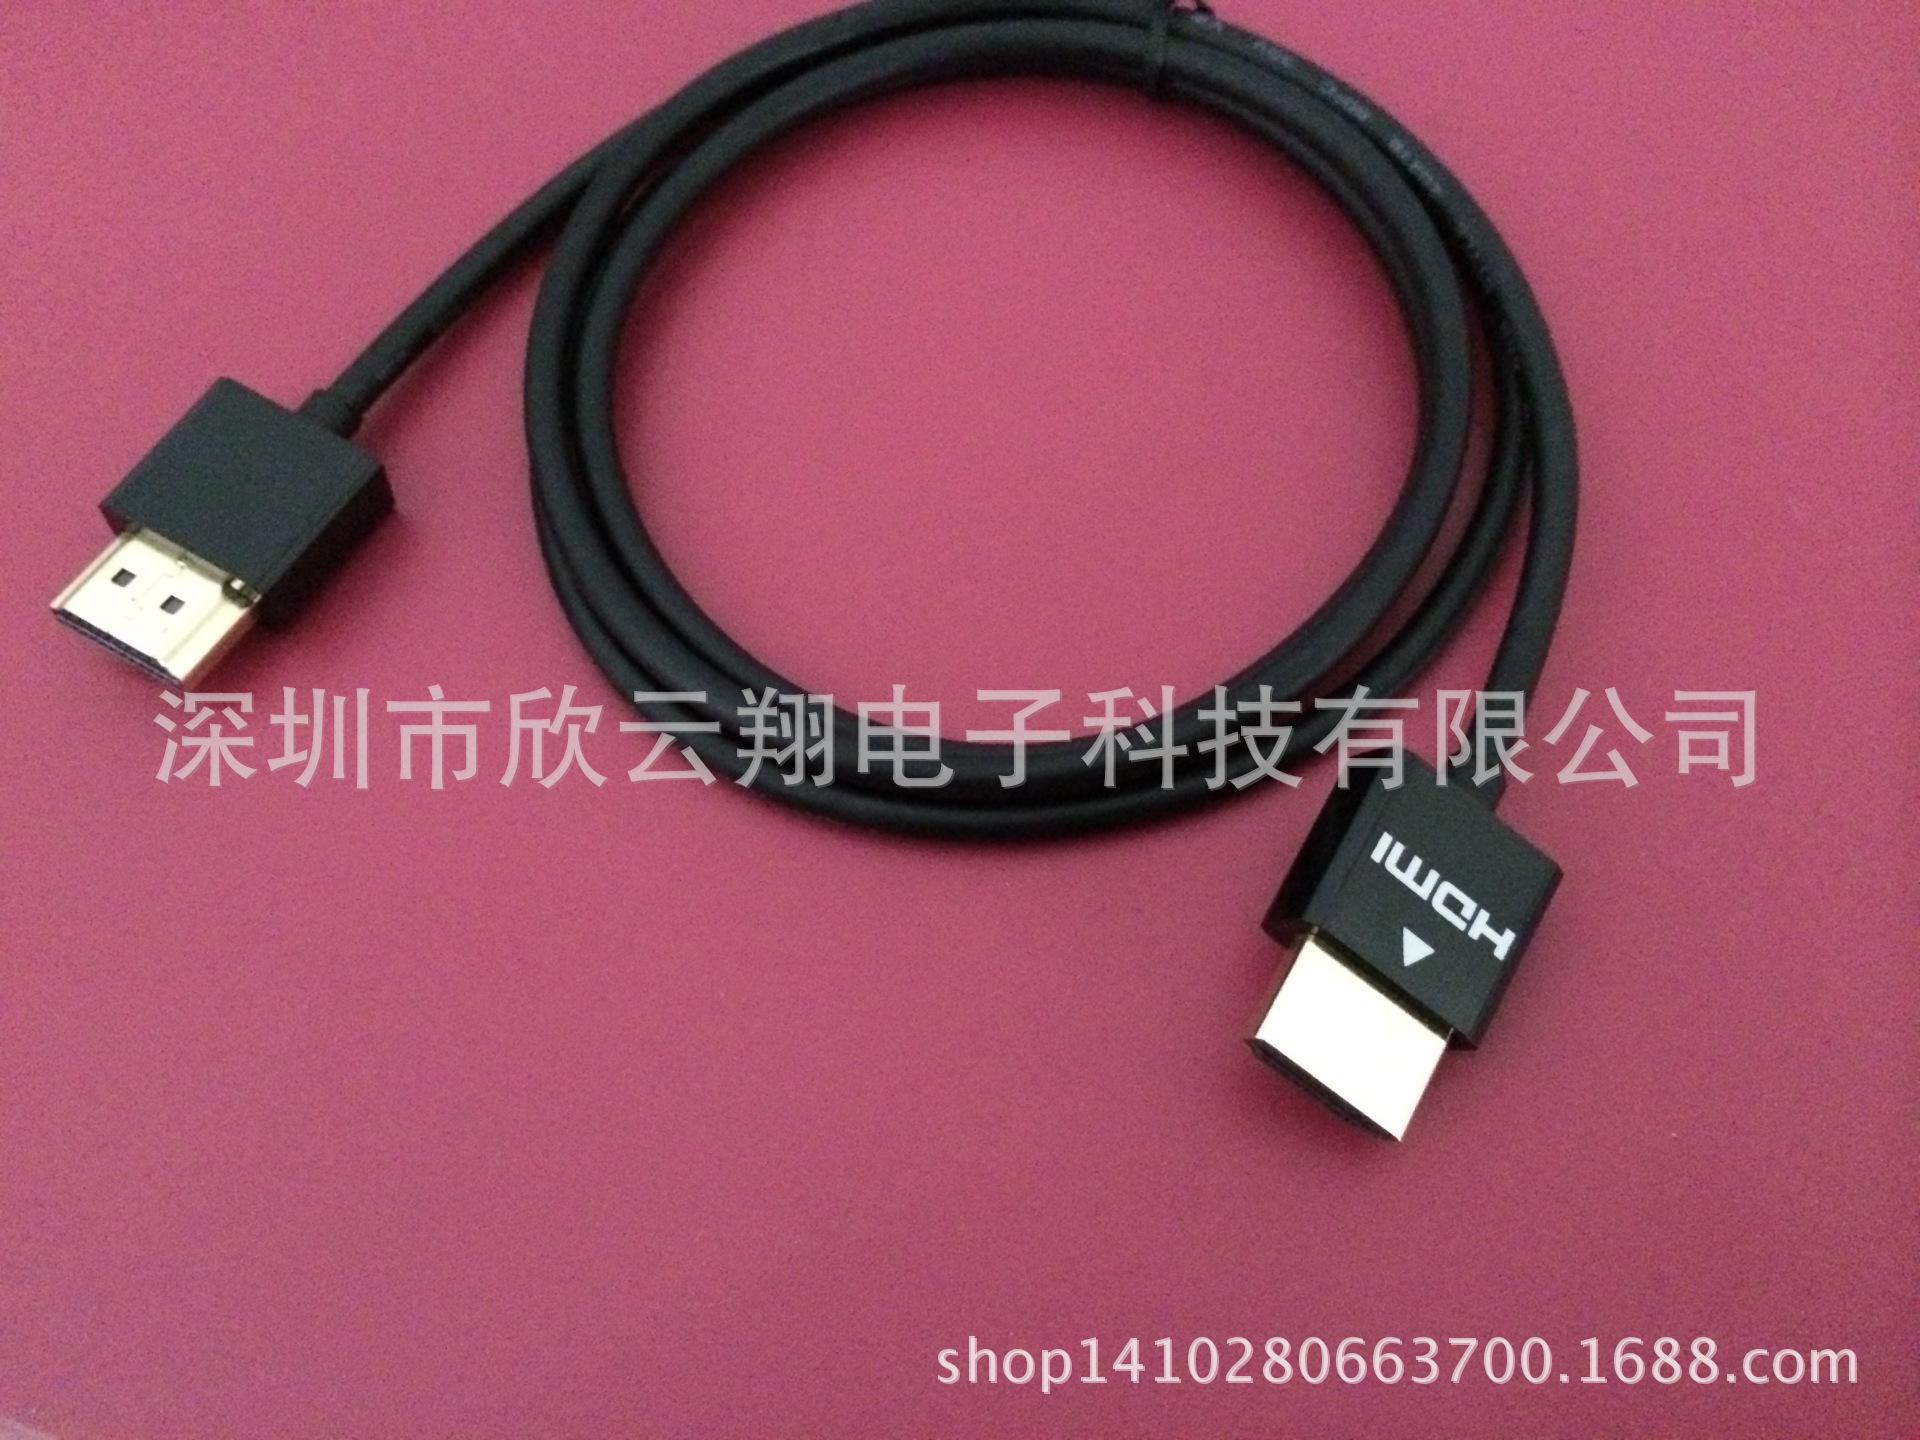 0版机顶盒高清线4k 显示器视频线超细电视连接线细线